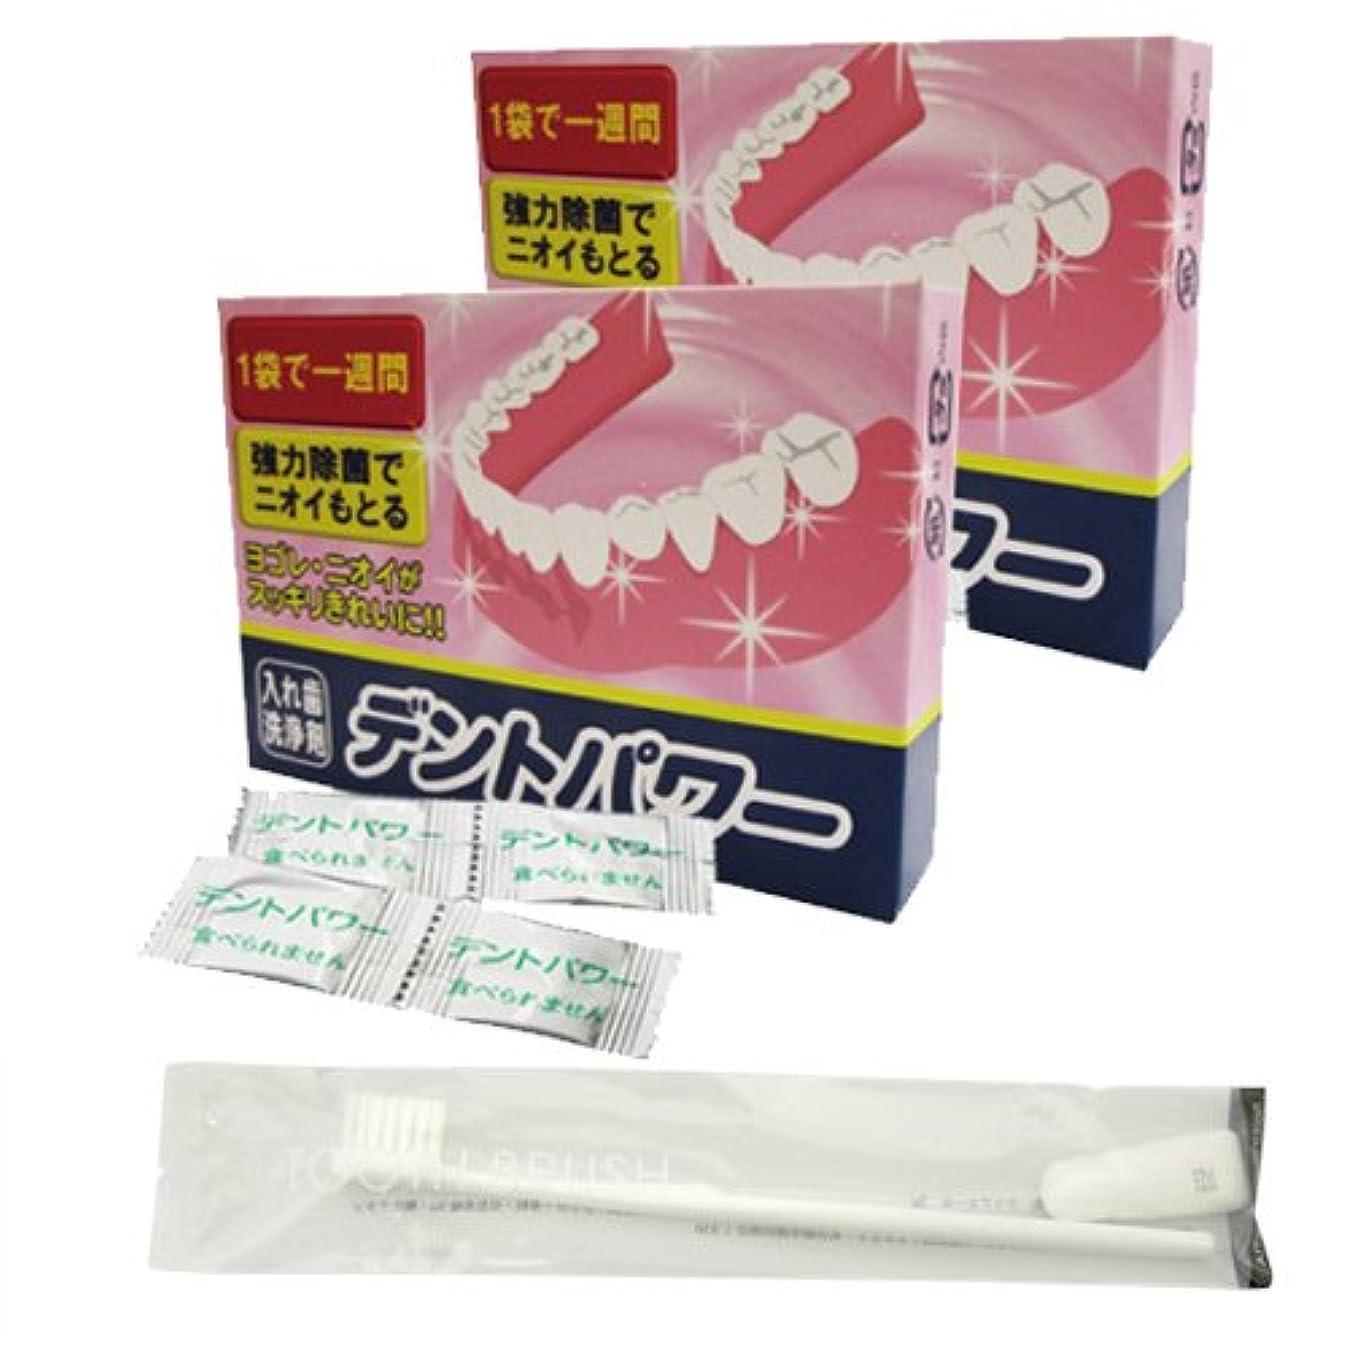 市の中心部質量韓国デントパワー 入れ歯洗浄剤 10ヵ月用(専用ケース無し) x2個 + チューブ歯磨き粉付き歯ブラシ セット